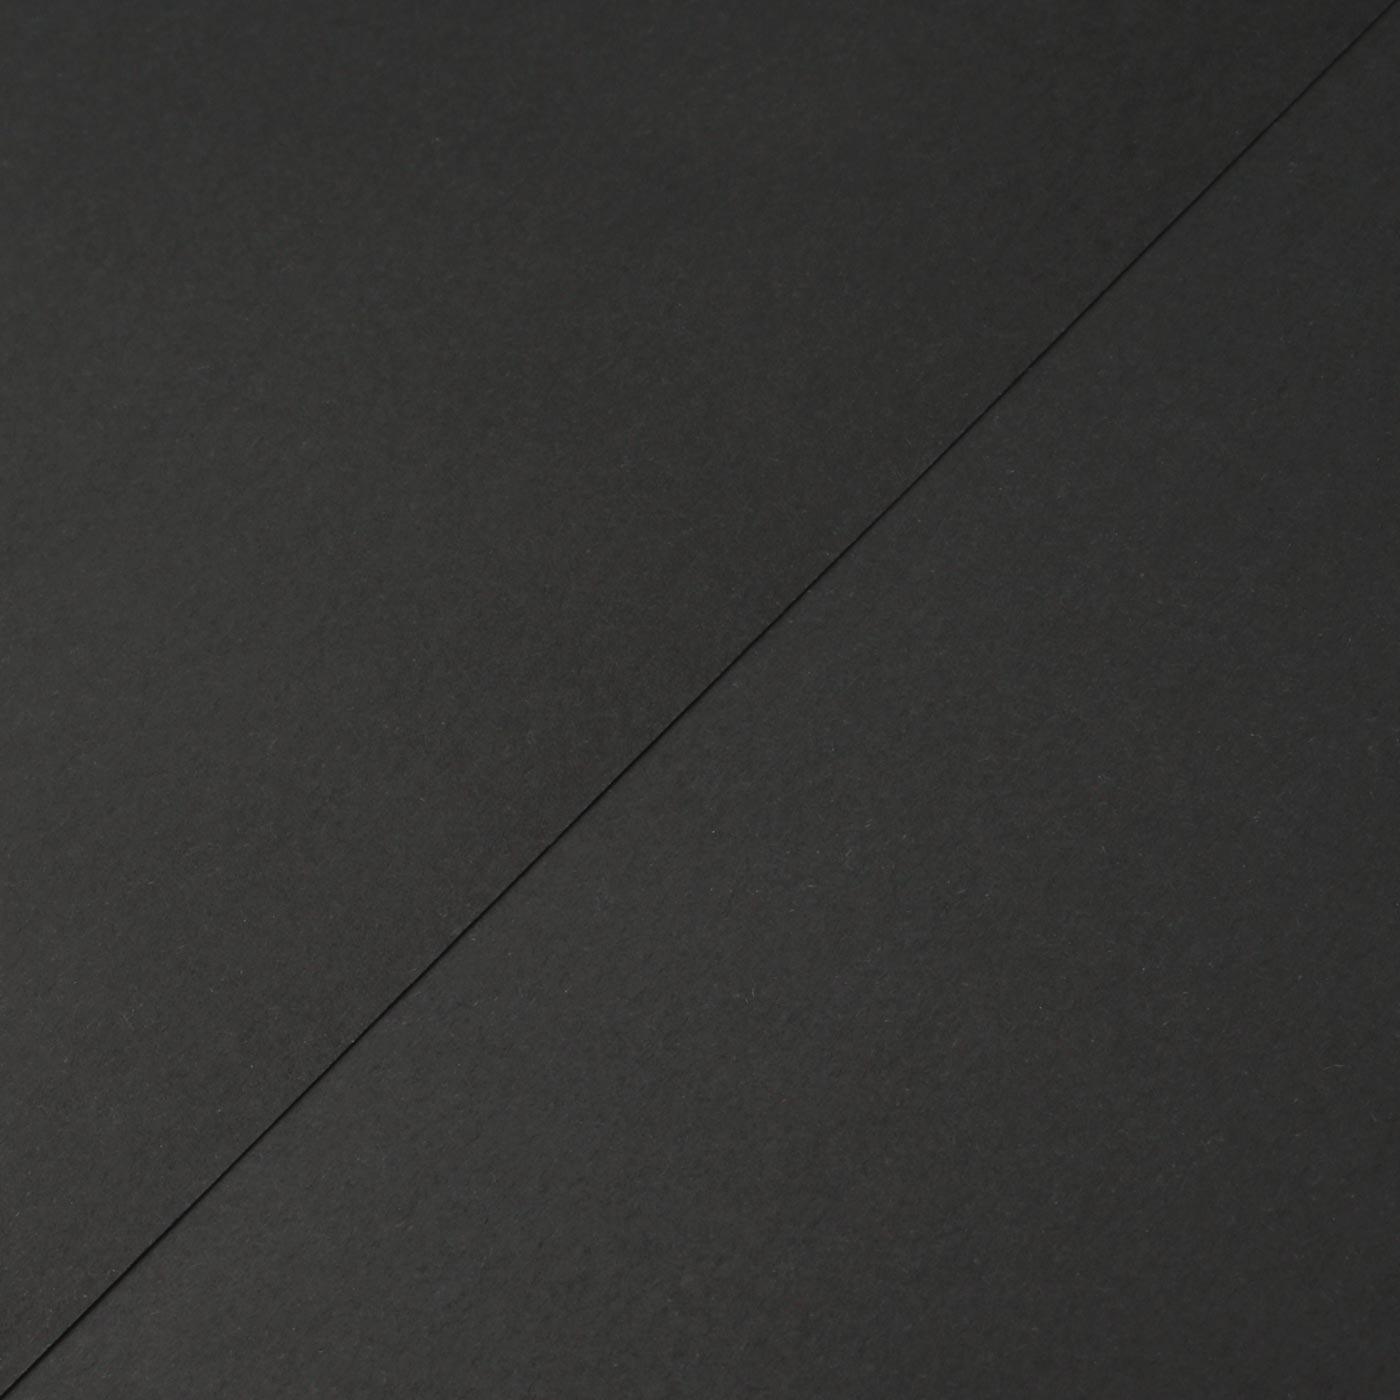 کاغذ سیاه A5 مدل Black Note